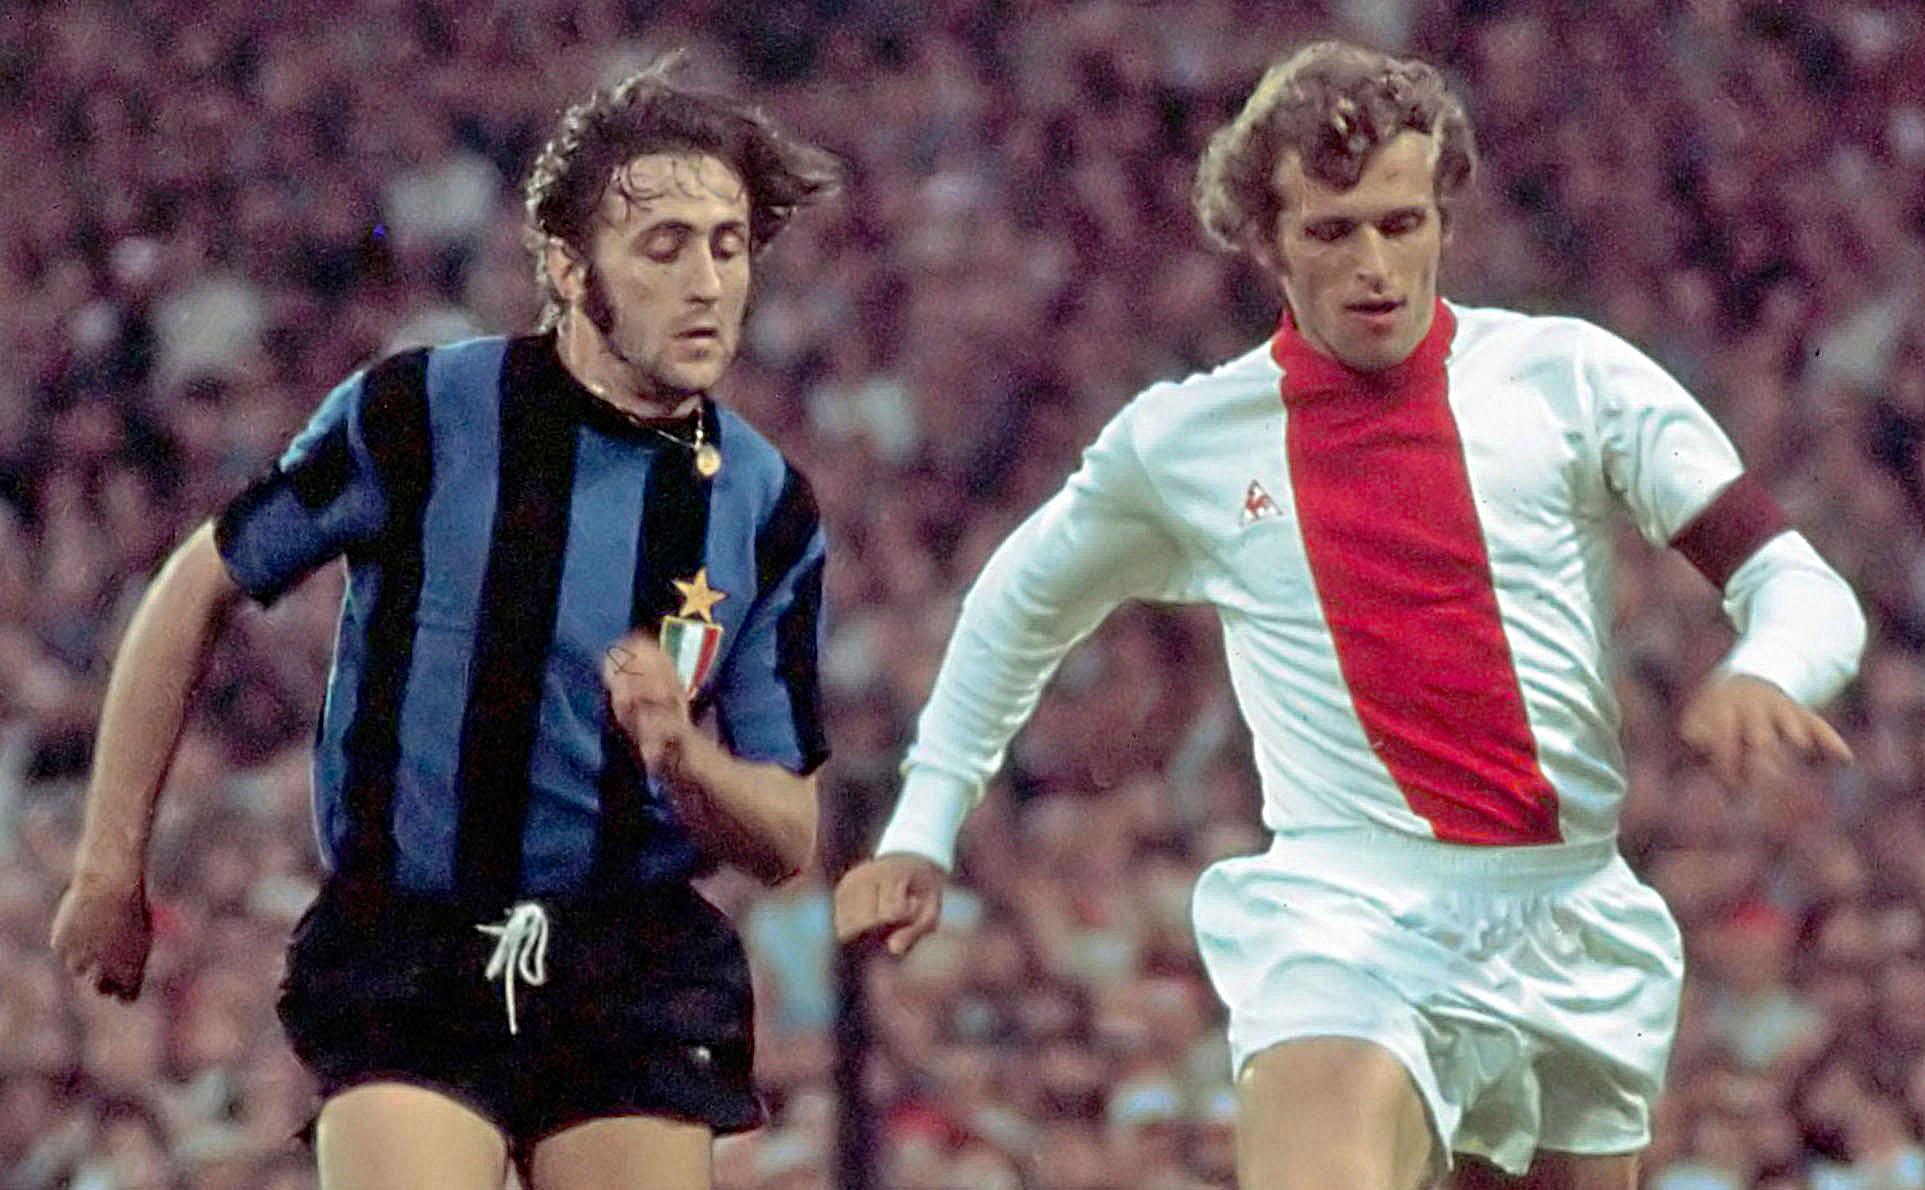 43926eca5 Un frangente della finale di Coppa dei Campioni 1971-1972 tra Inter e Ajax:  a destra, sulla maglia degli olandesi è già presente il logo del fornitore  ...